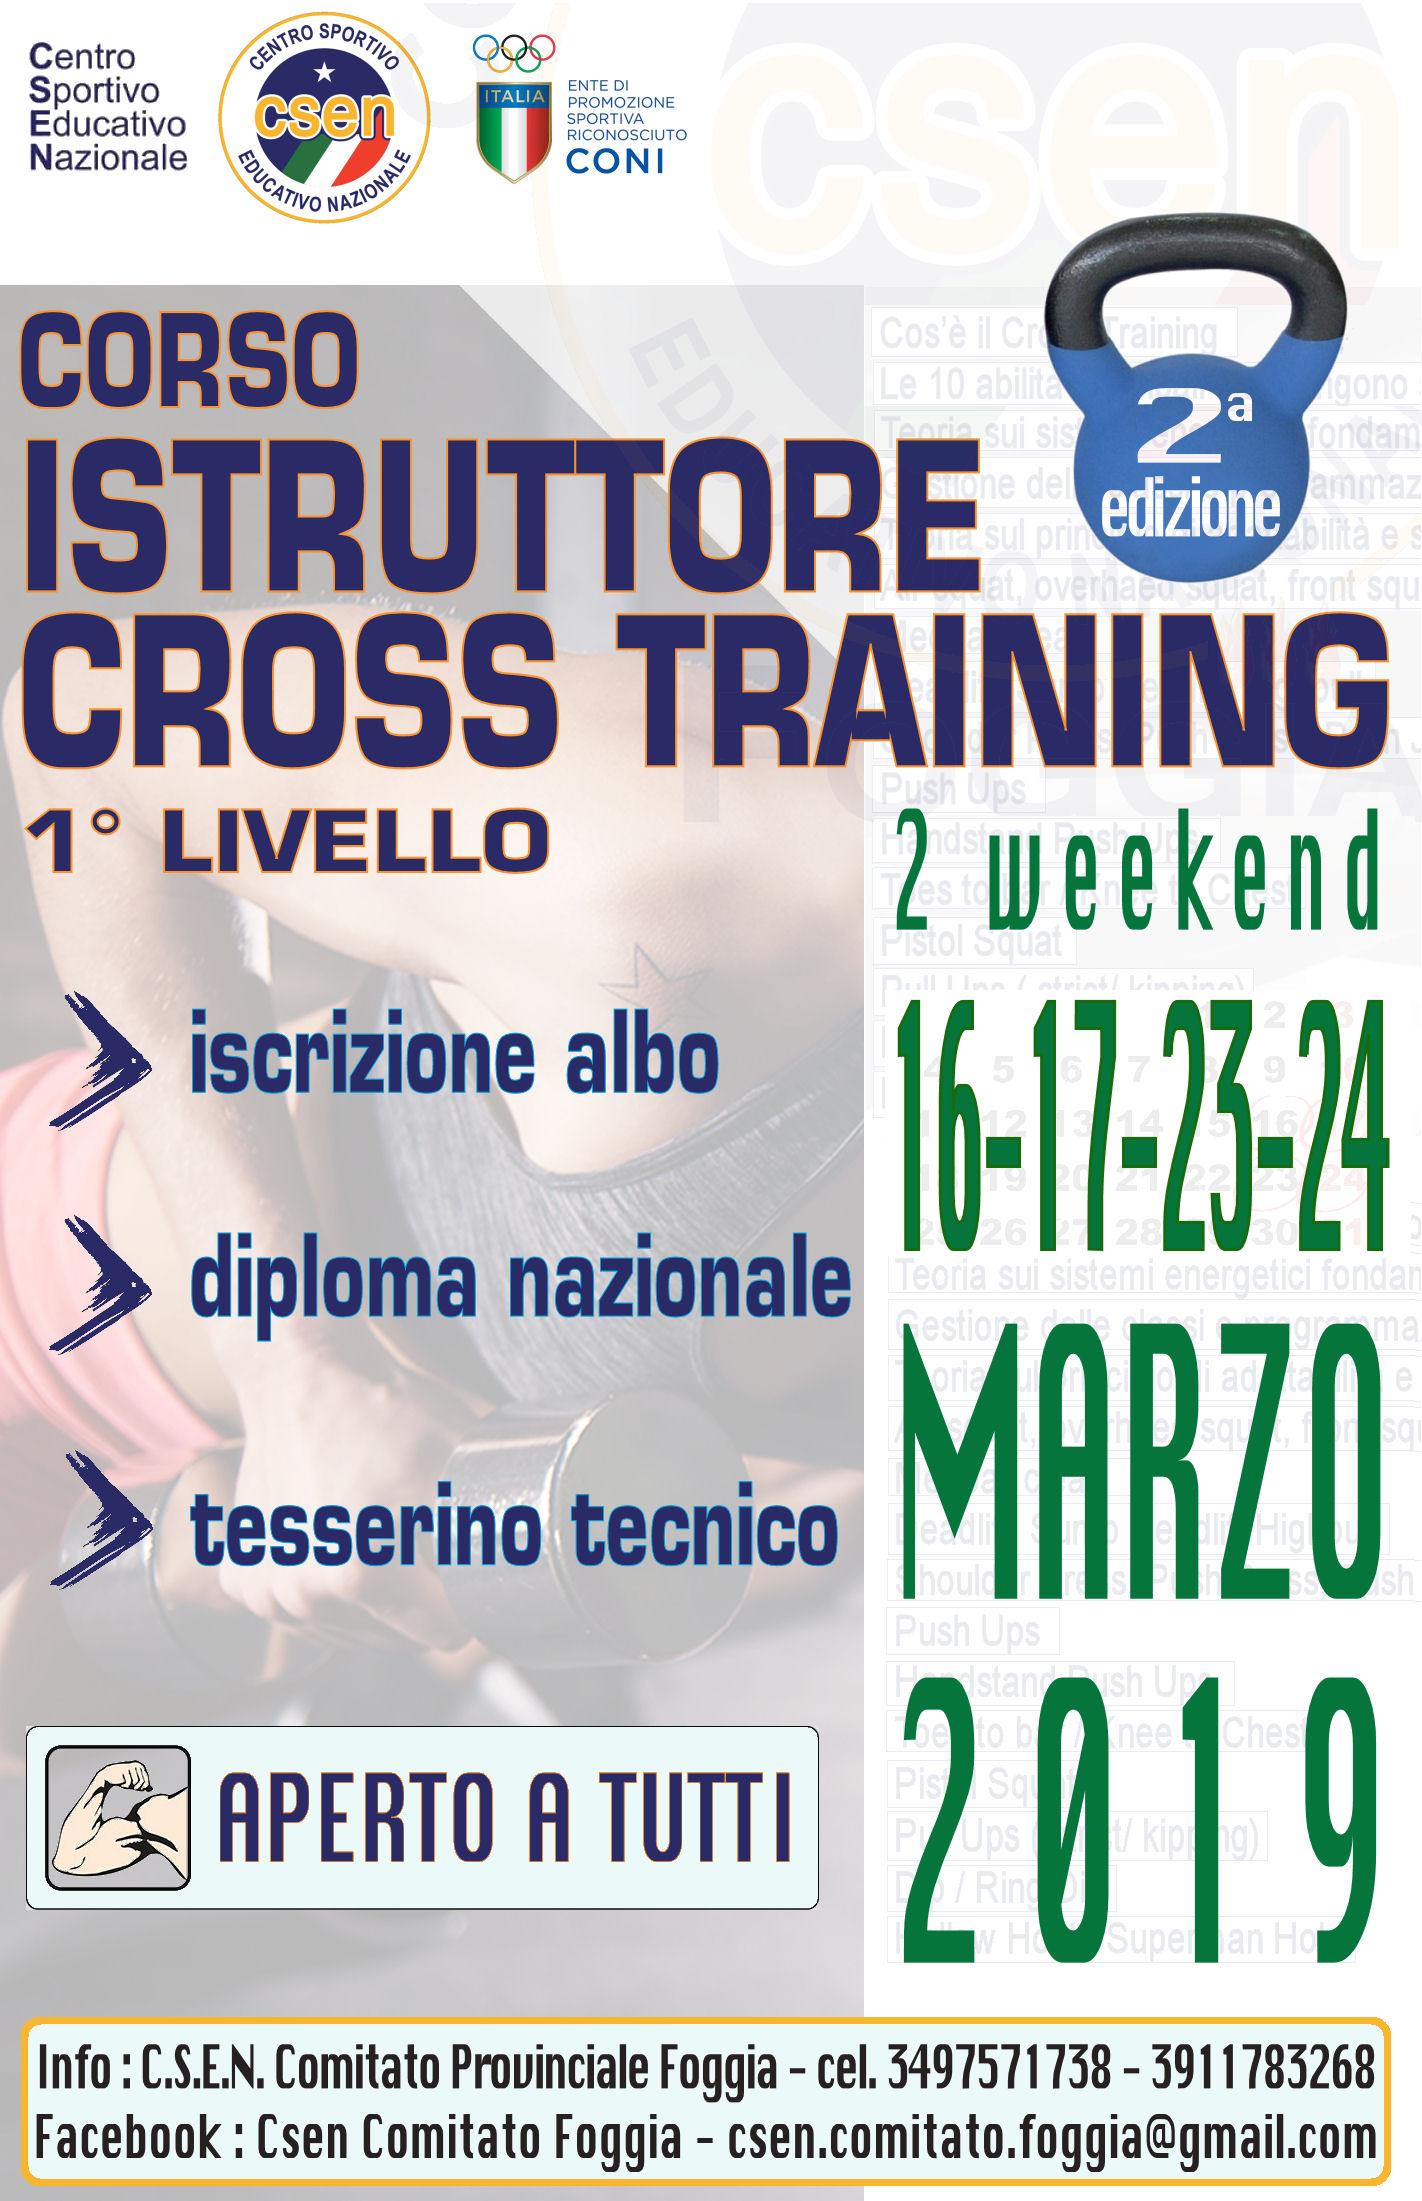 Corso istruttore Crosstraining L1